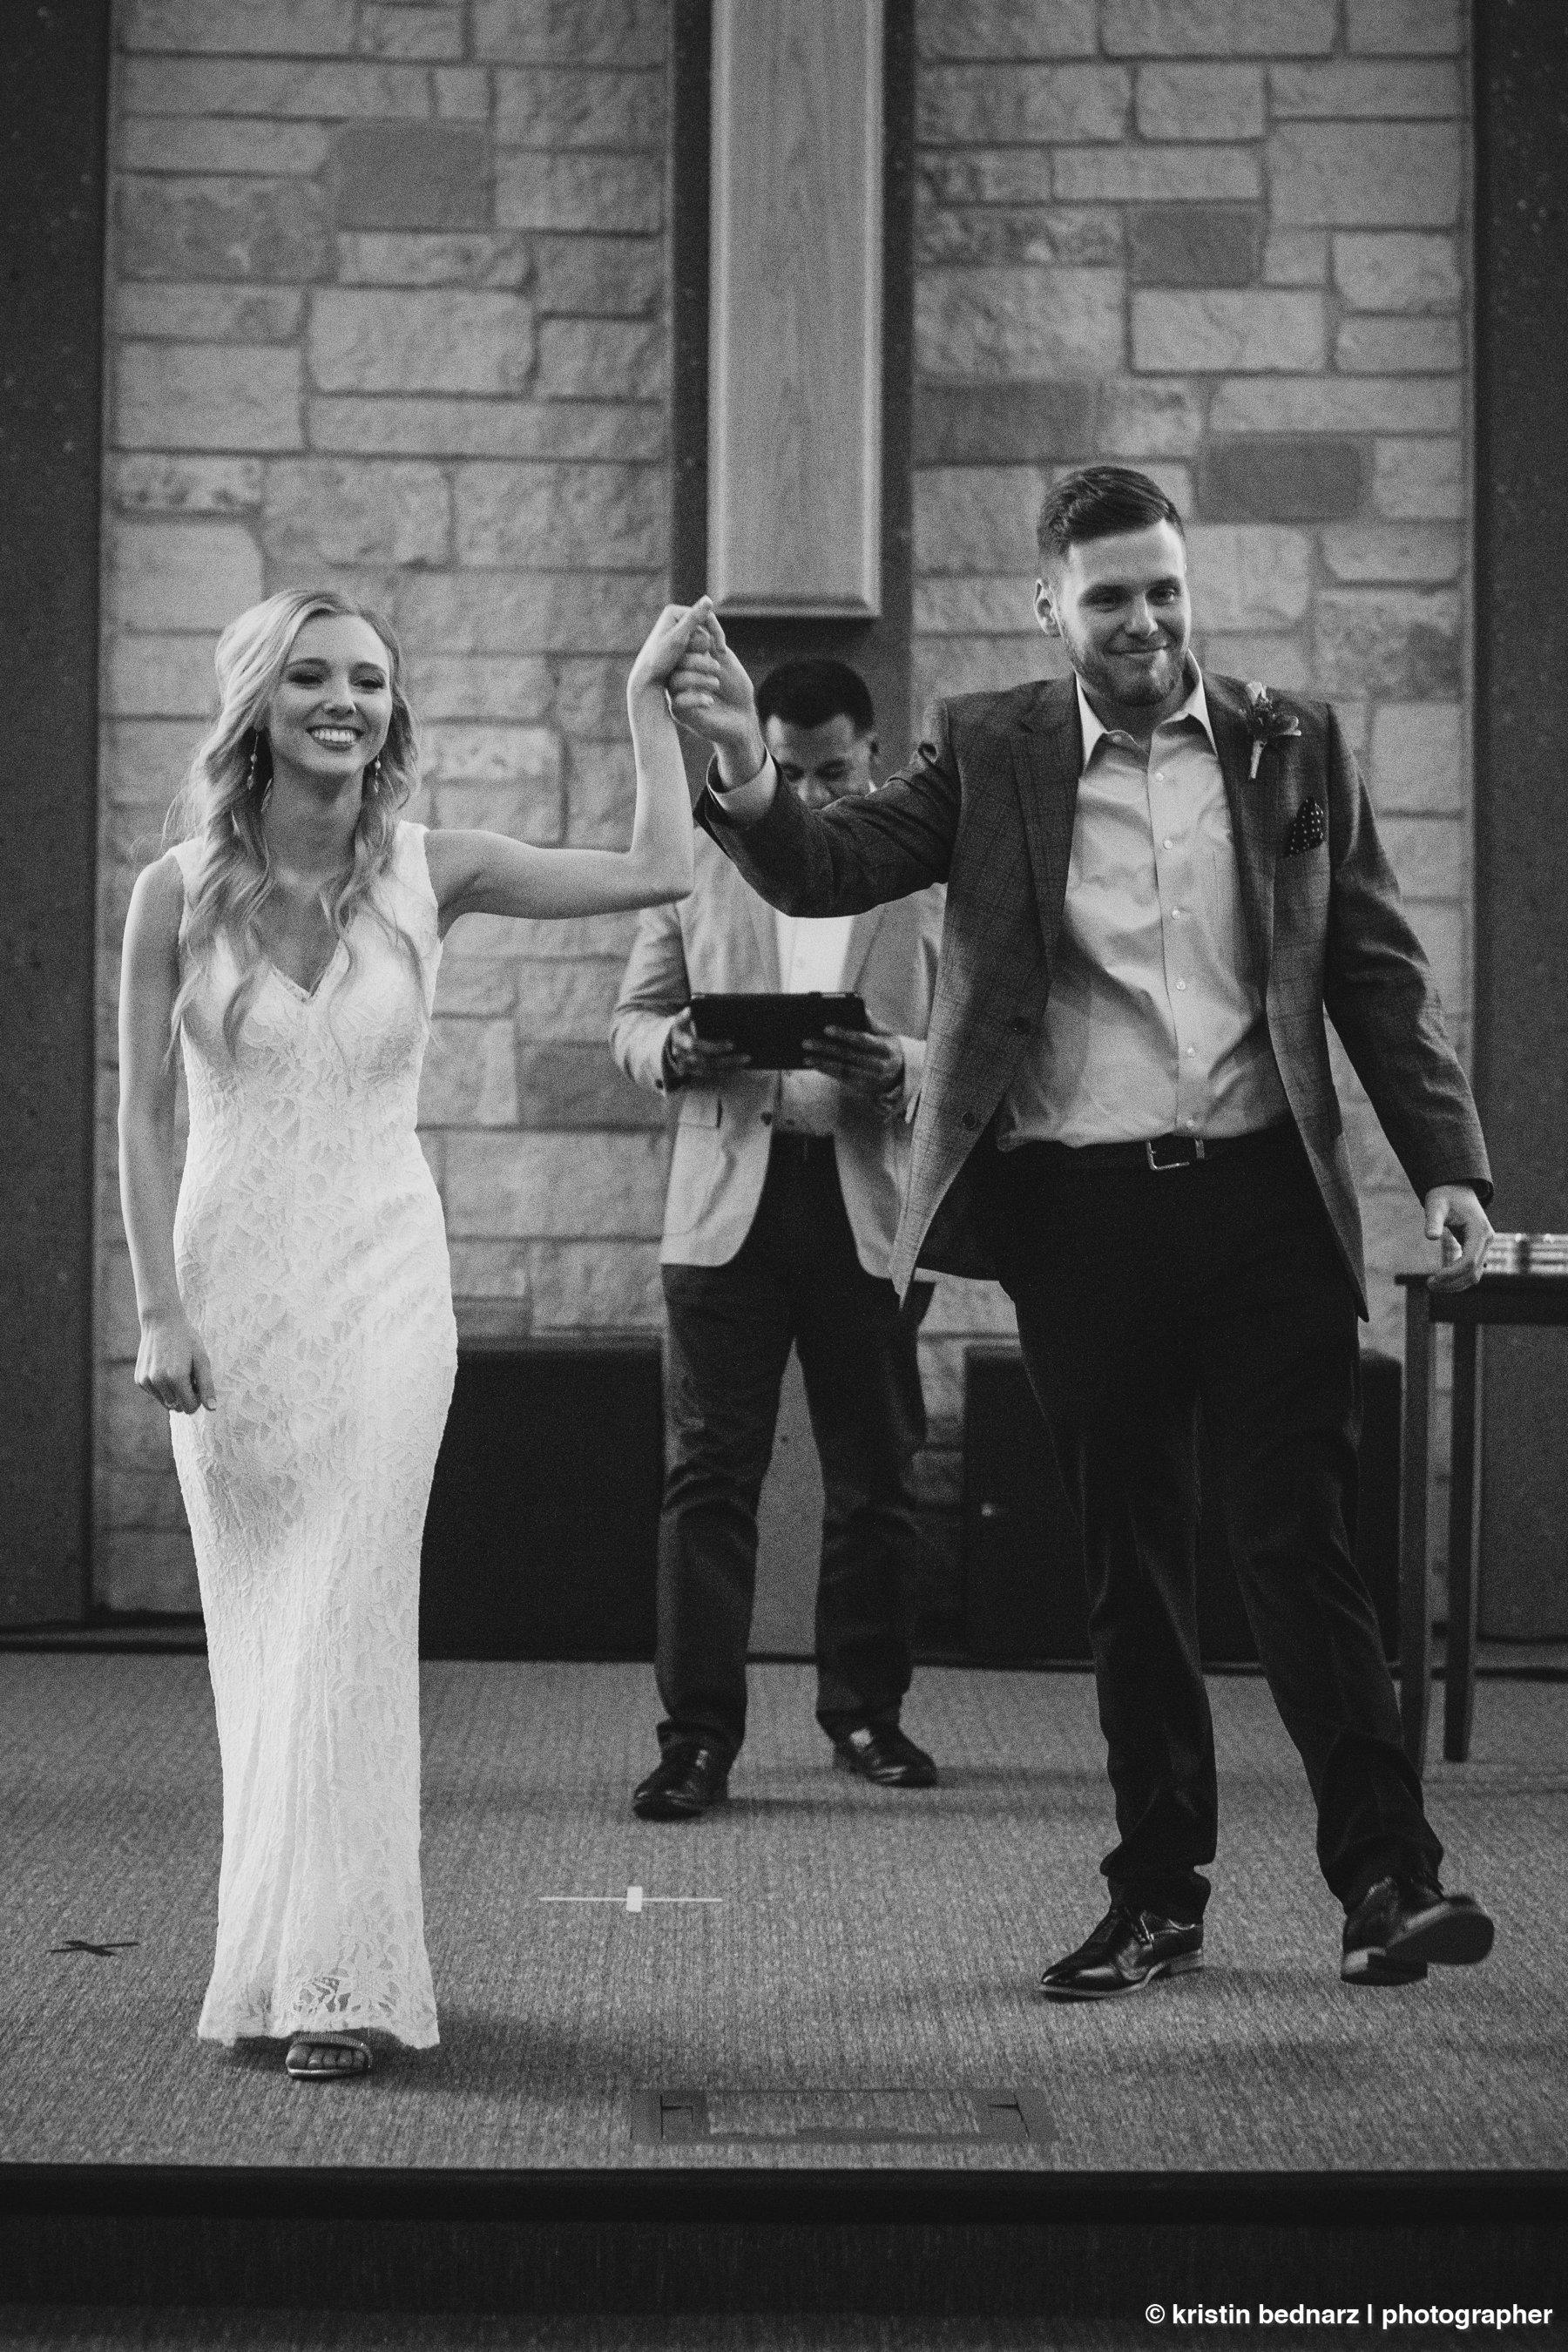 kristin_bednarz_wedding_photographer_20190214_00051sneak_peek.JPG